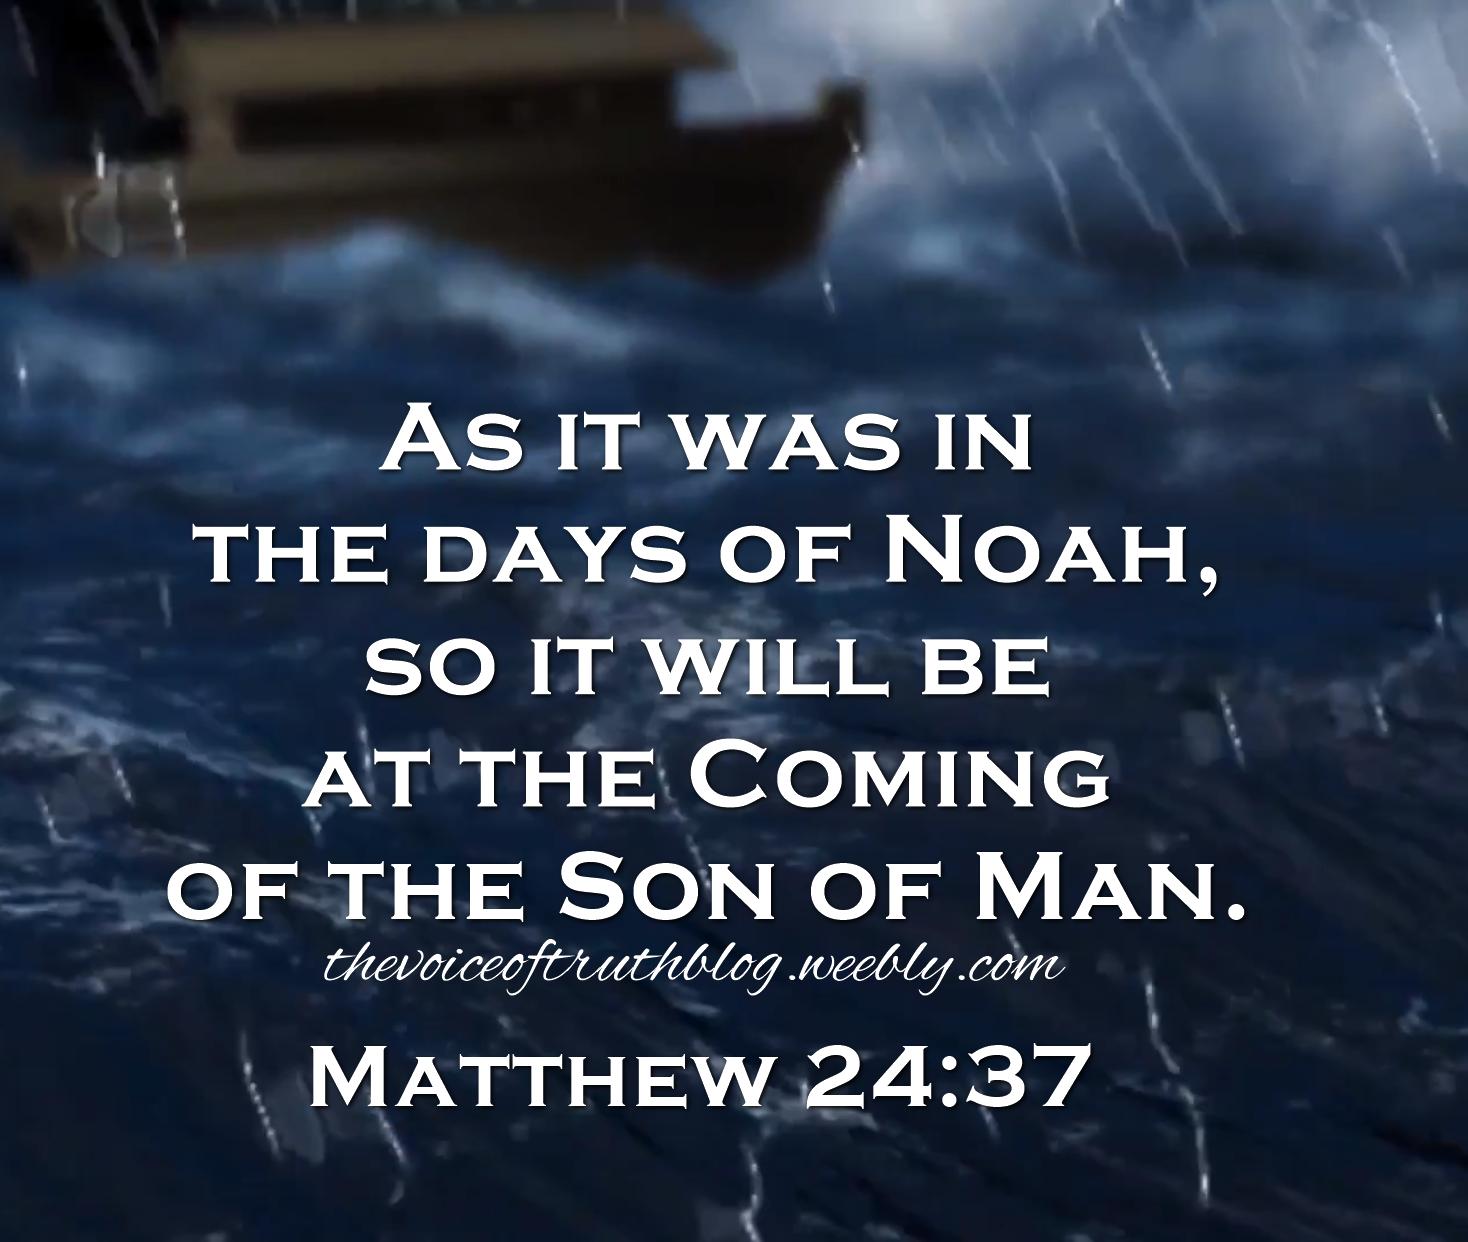 Matthew 24 37 as it was in the days of noah so it